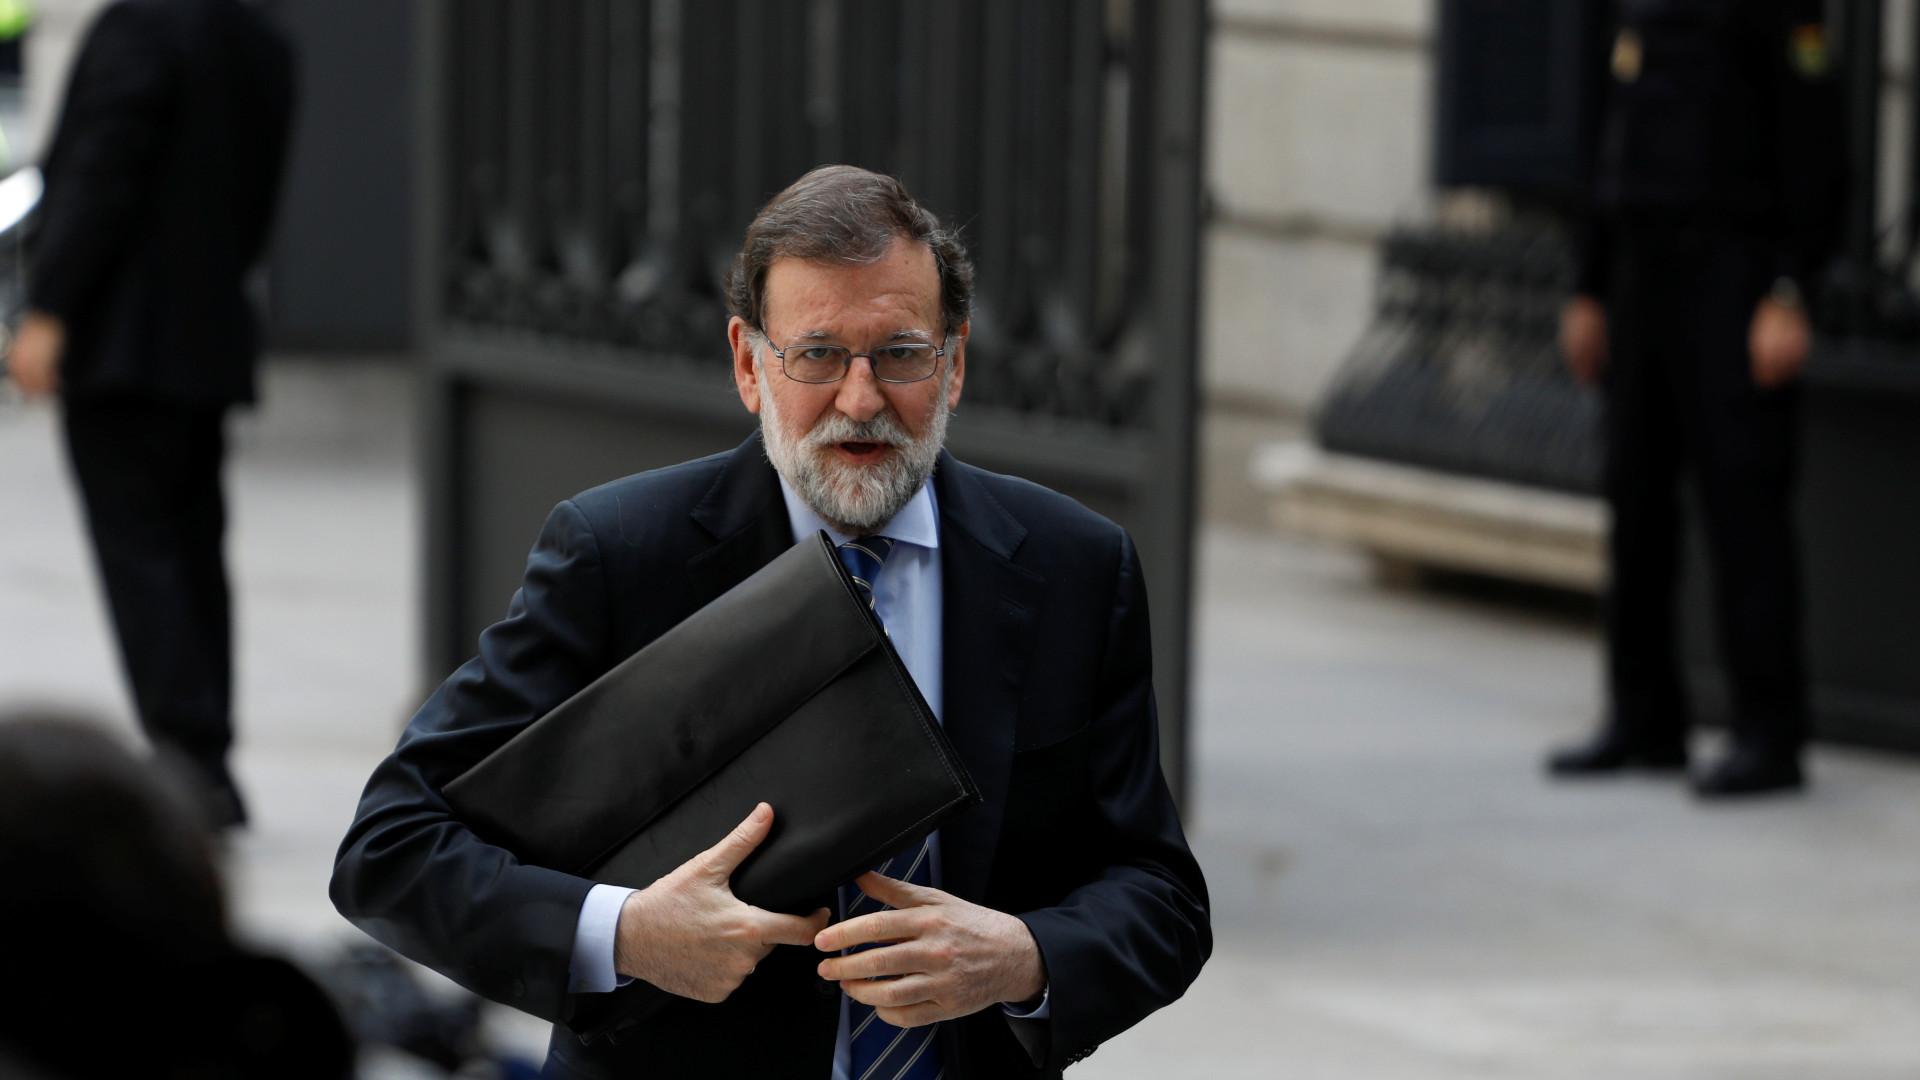 Rajoy despede-se reivindicando vitória na economia e contra separatistas